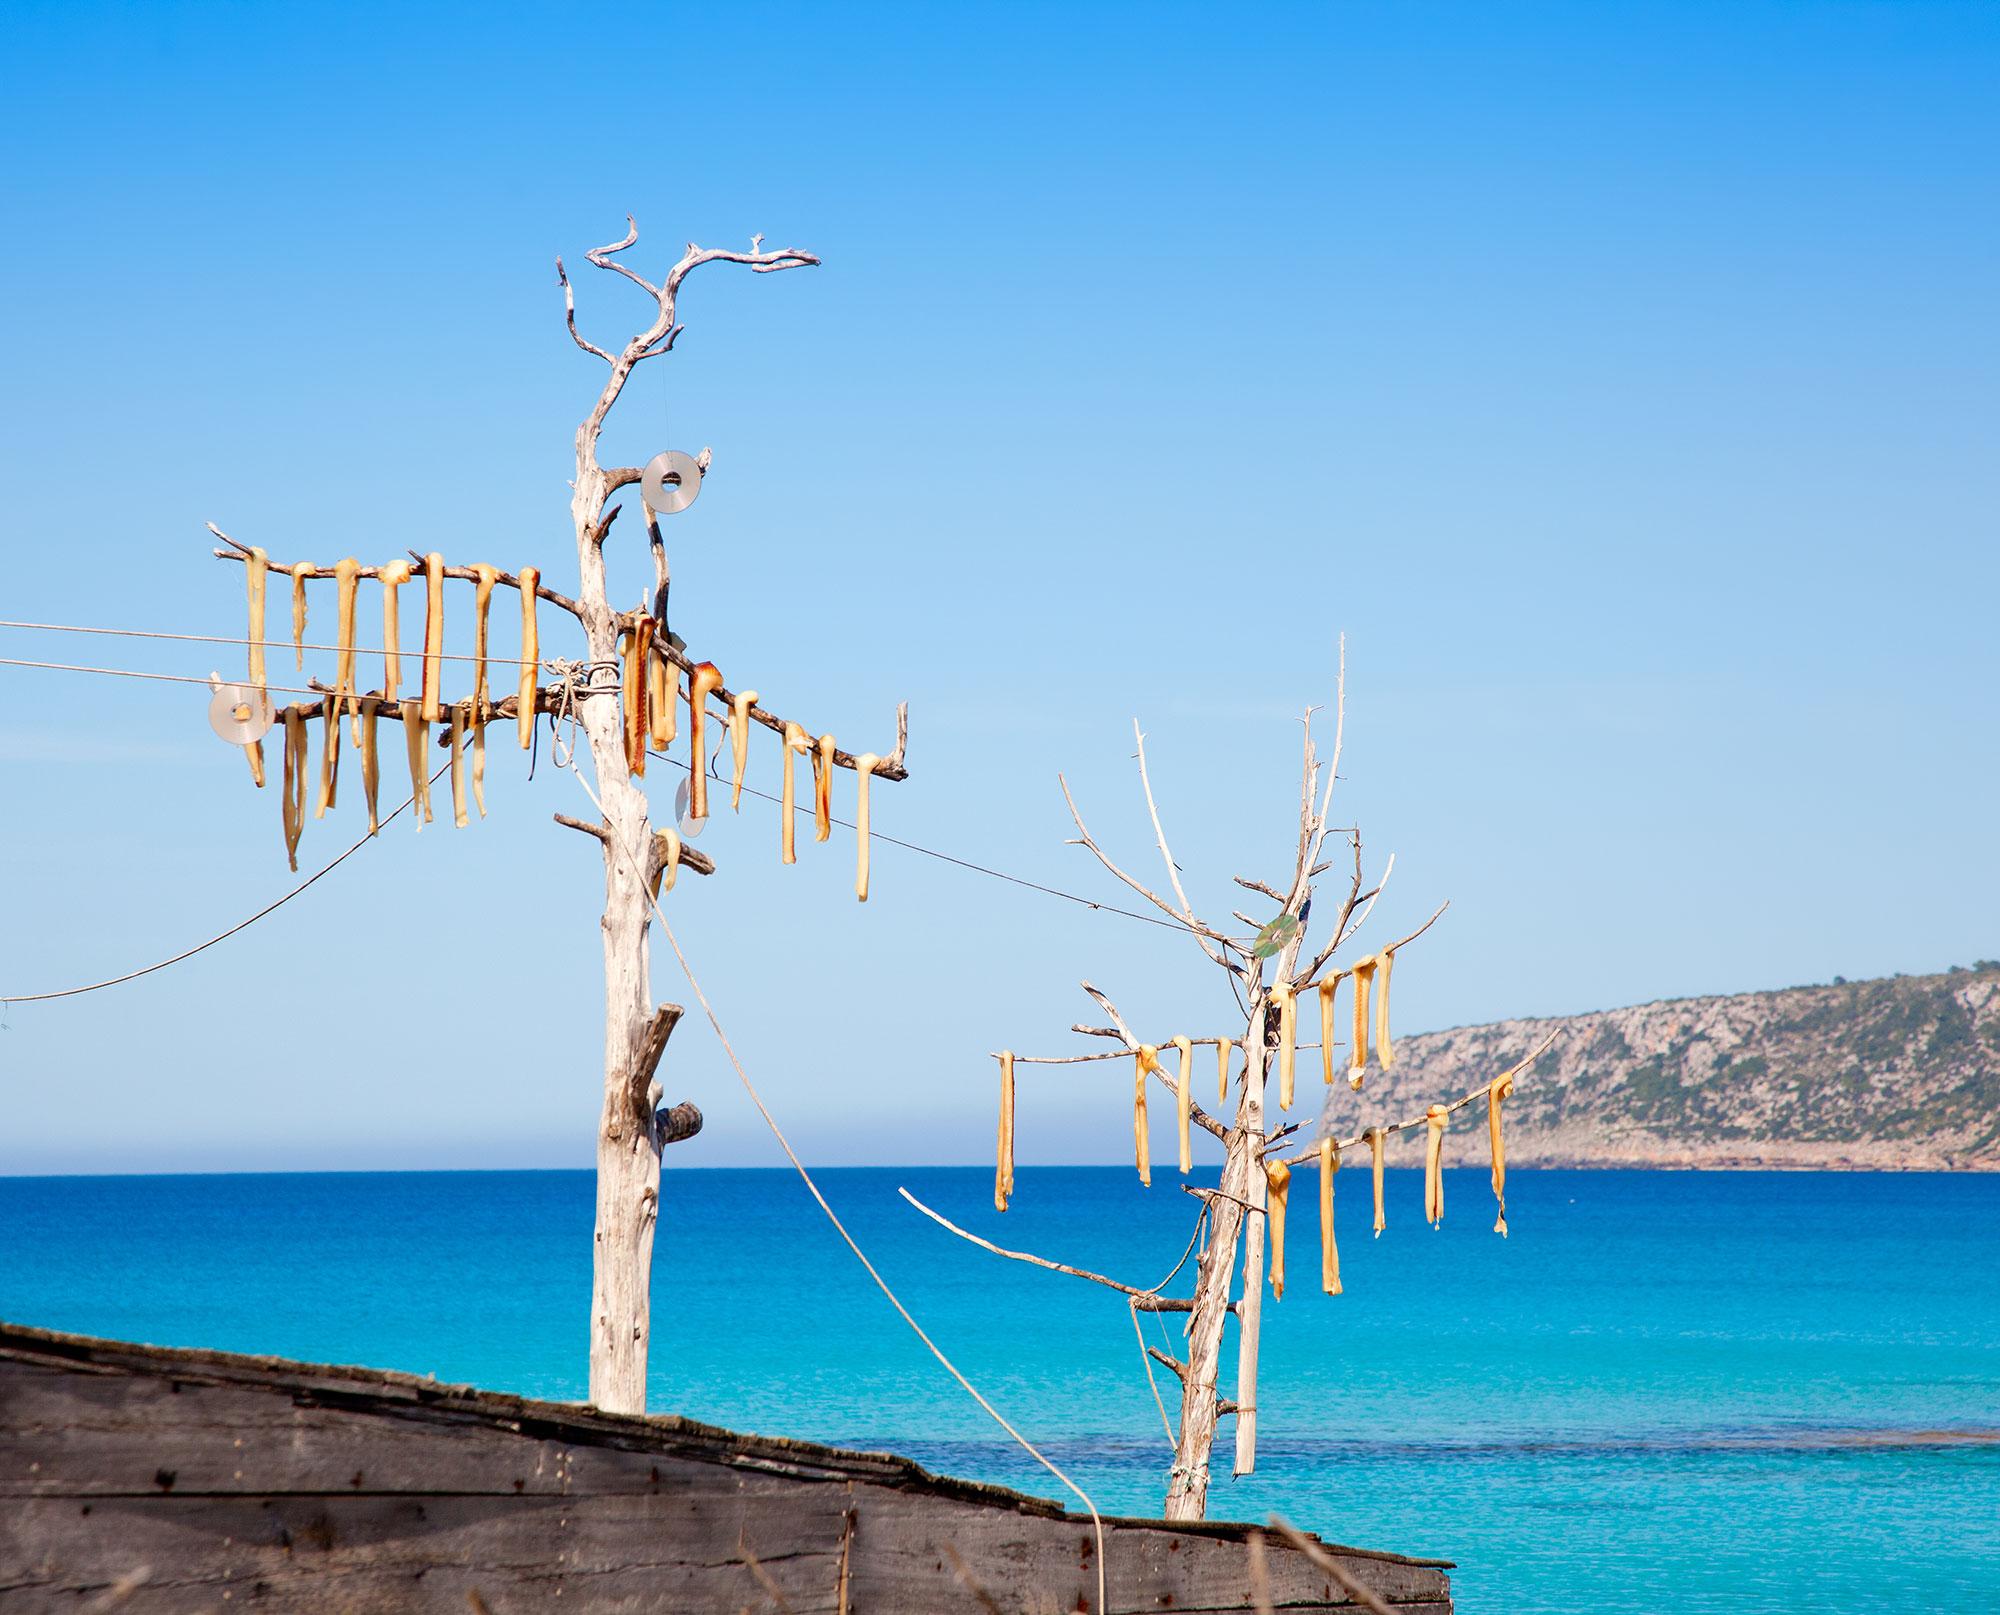 El pescado seco también forma parte del escenario natural de la isla. Foto: shuttersrtock.